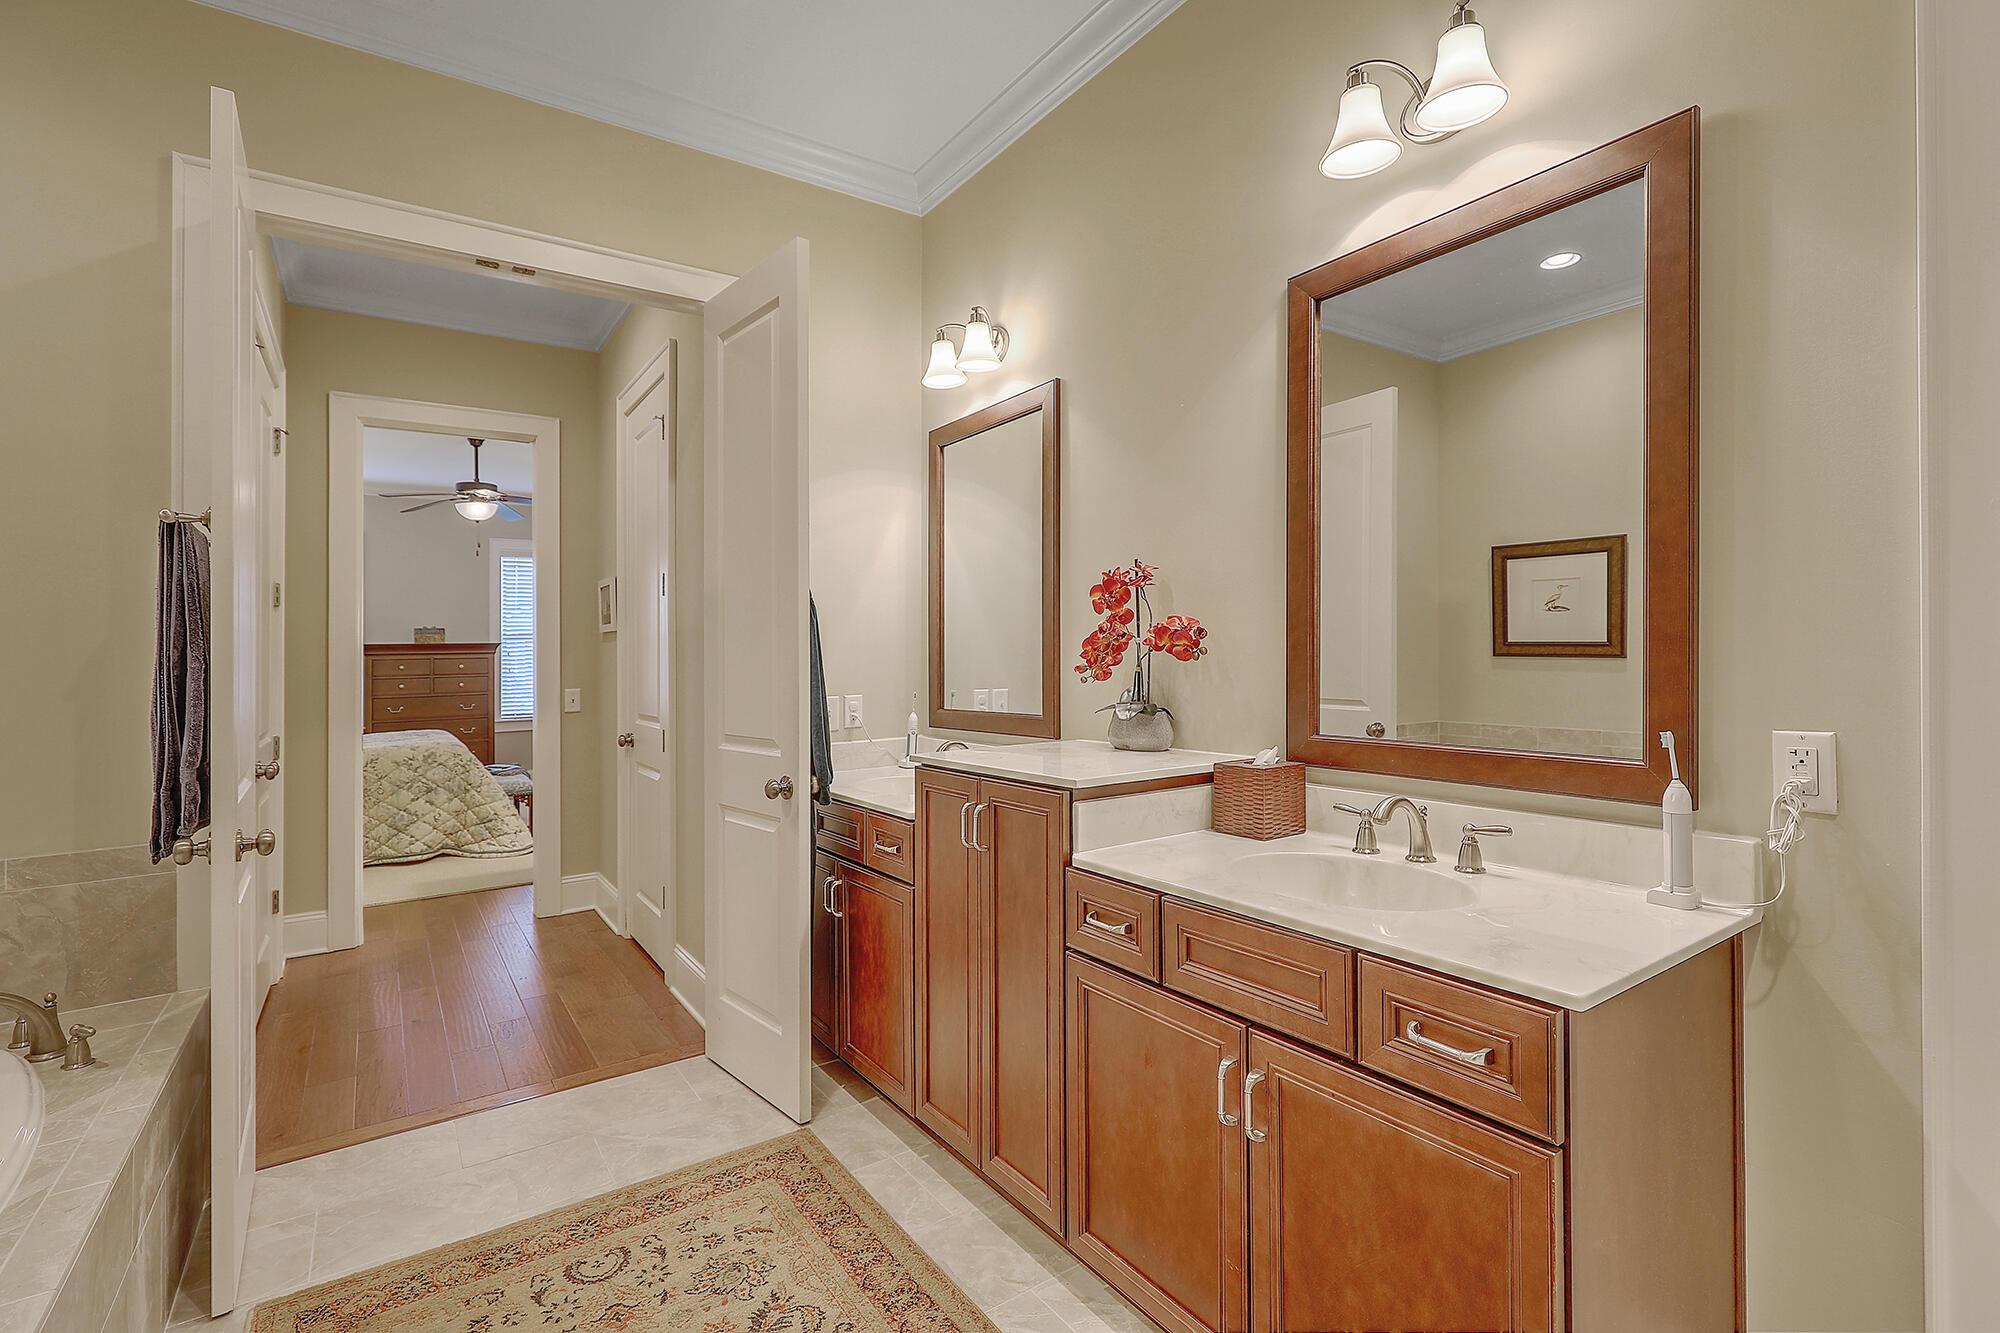 Dunes West Homes For Sale - 3171 Sturbridge, Mount Pleasant, SC - 48